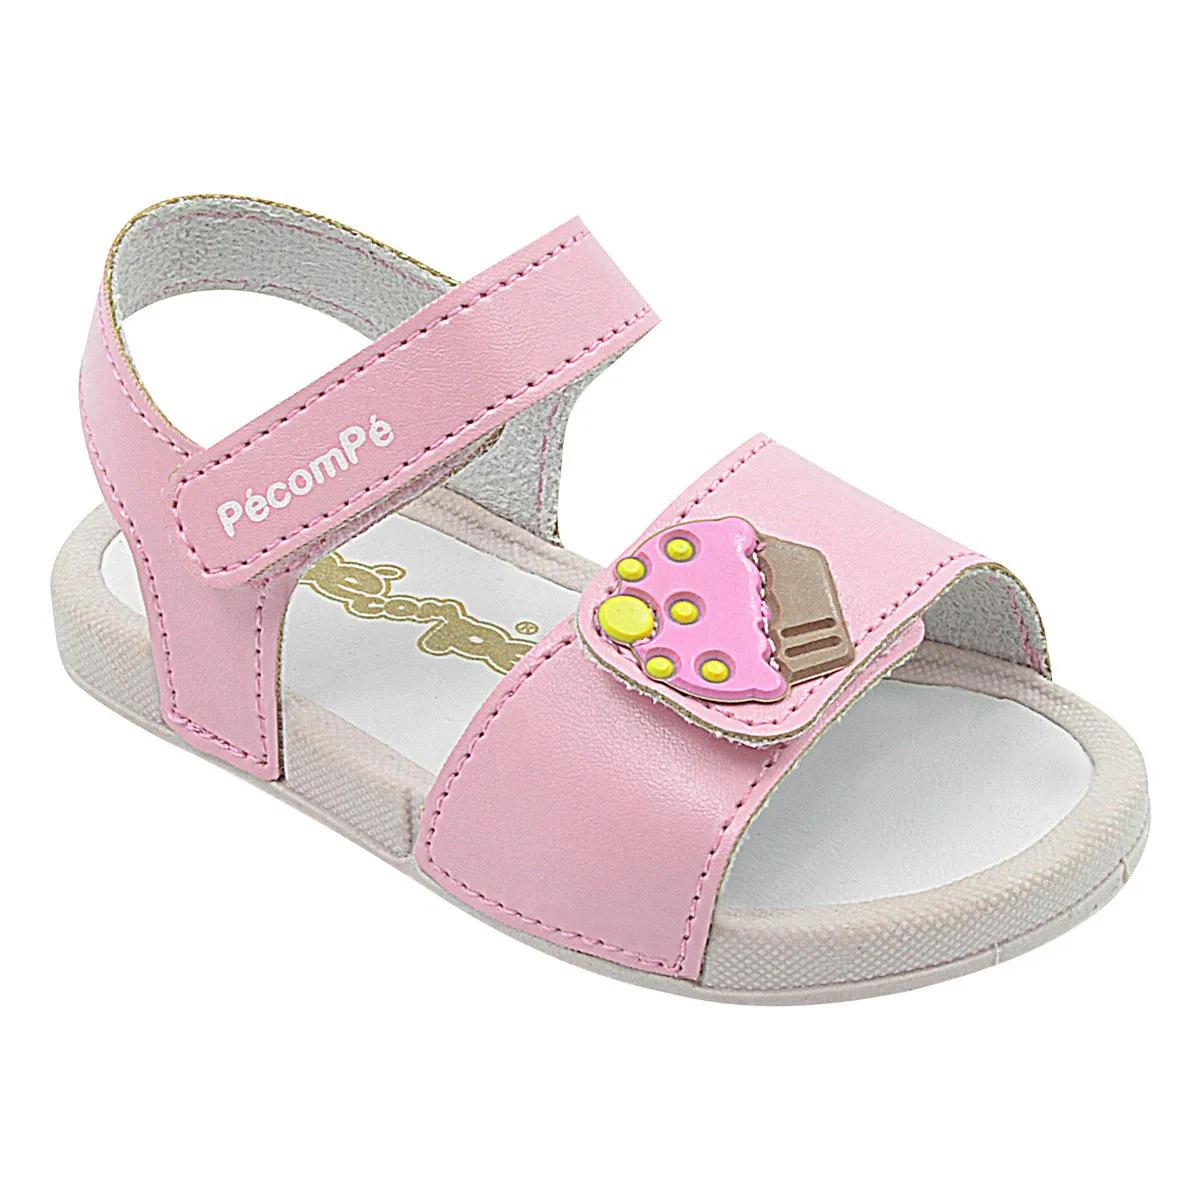 Papete Infantil Pé com Pé Calce Fácil Velcro Menina Rosa